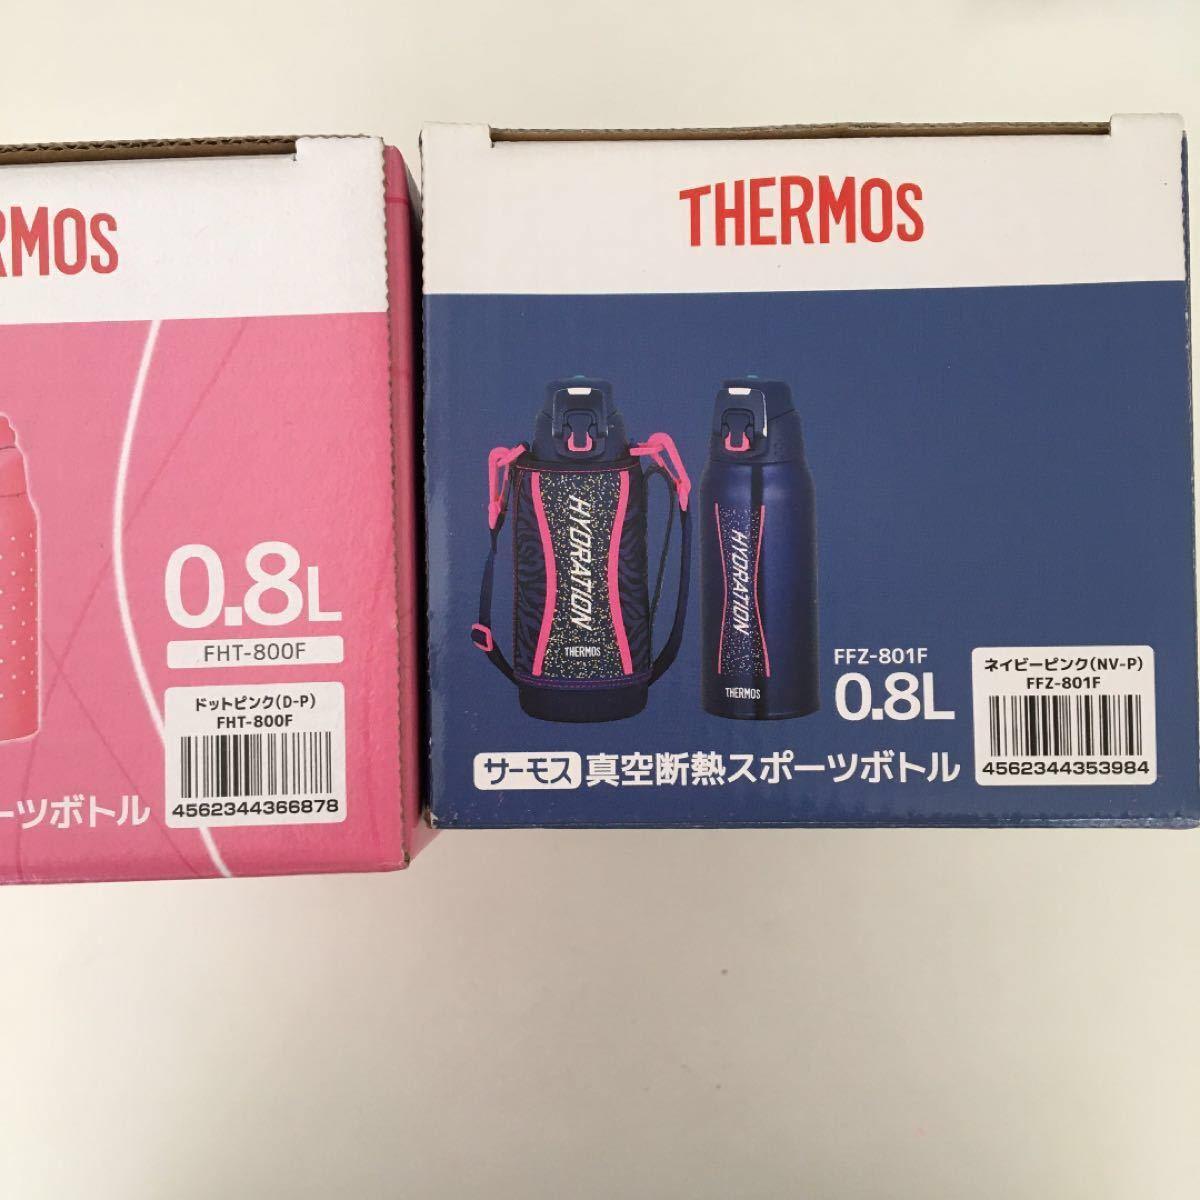 サーモス 真空断熱 スポーツボトル THERMOS サーモス水筒 新品未開封